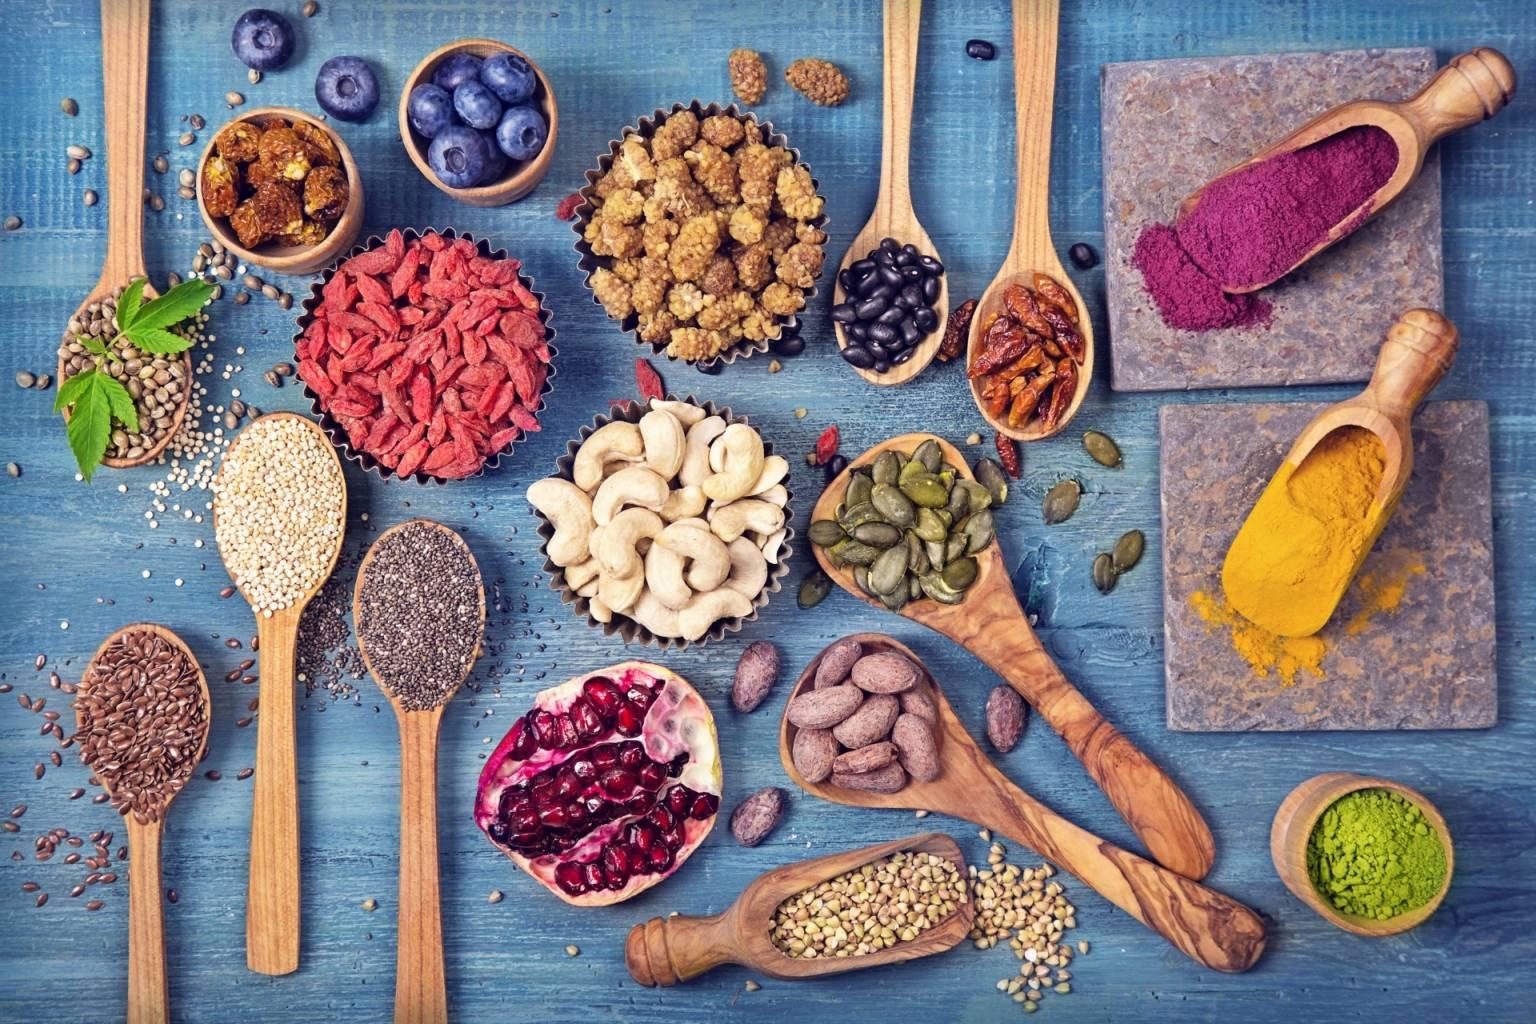 Czy superfood to superżywność czy supermarketing? Sprawdź, czy superfoods, takie jak jagody goji i młody jęczmień, są warte uwagi.